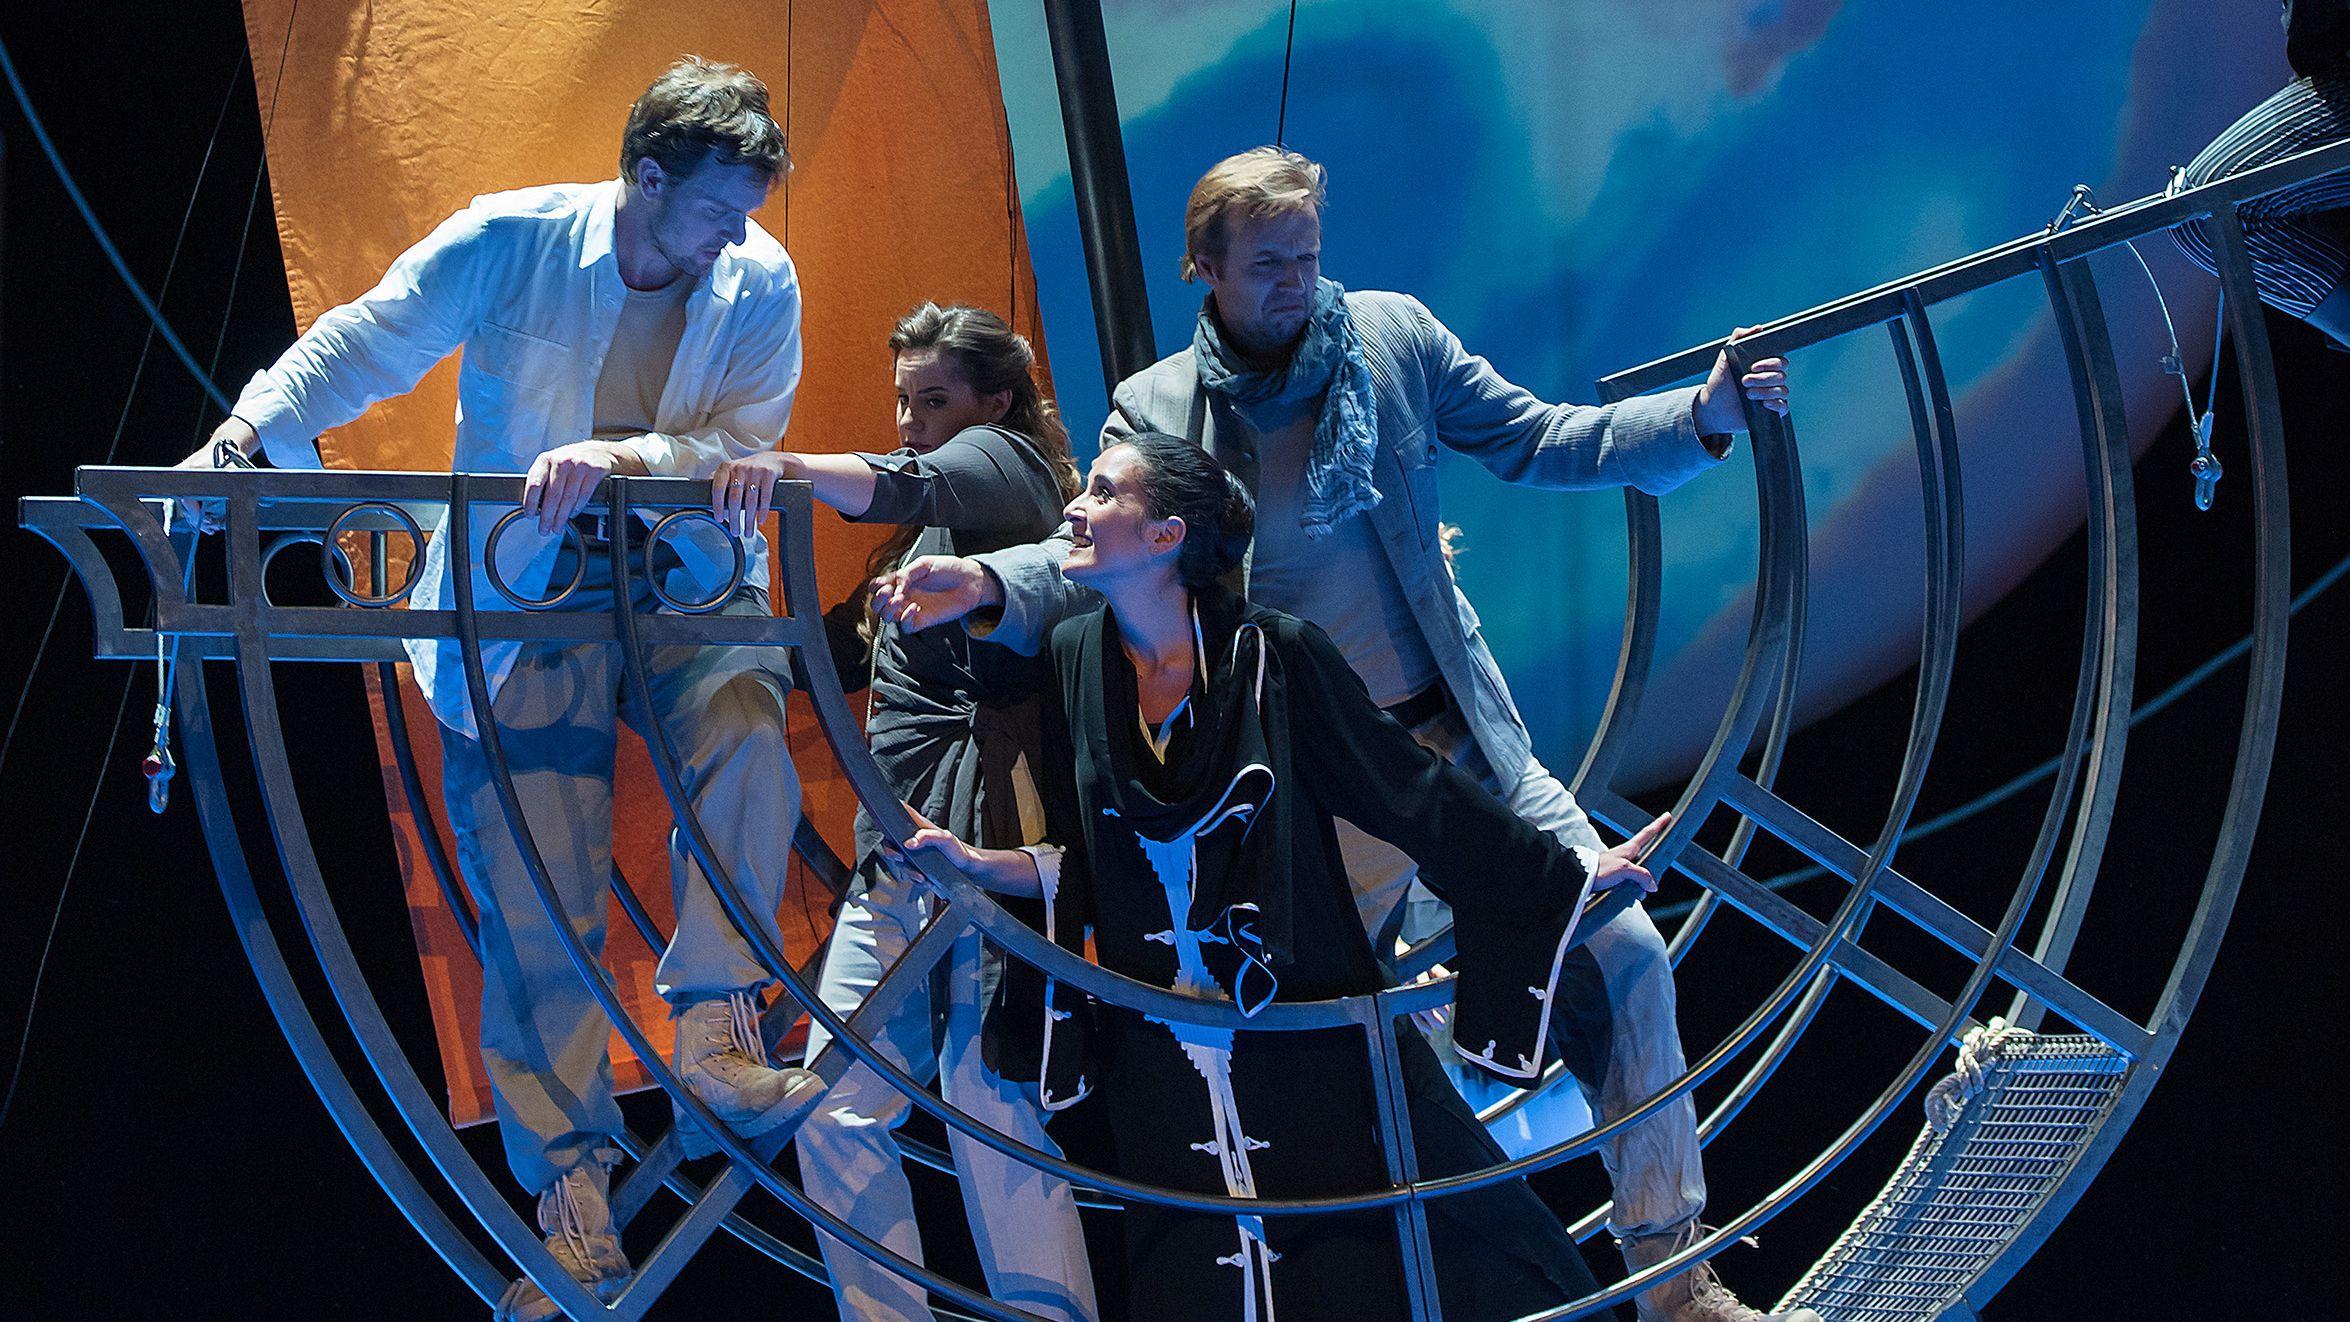 Im Schiff an unbekannte Ufer